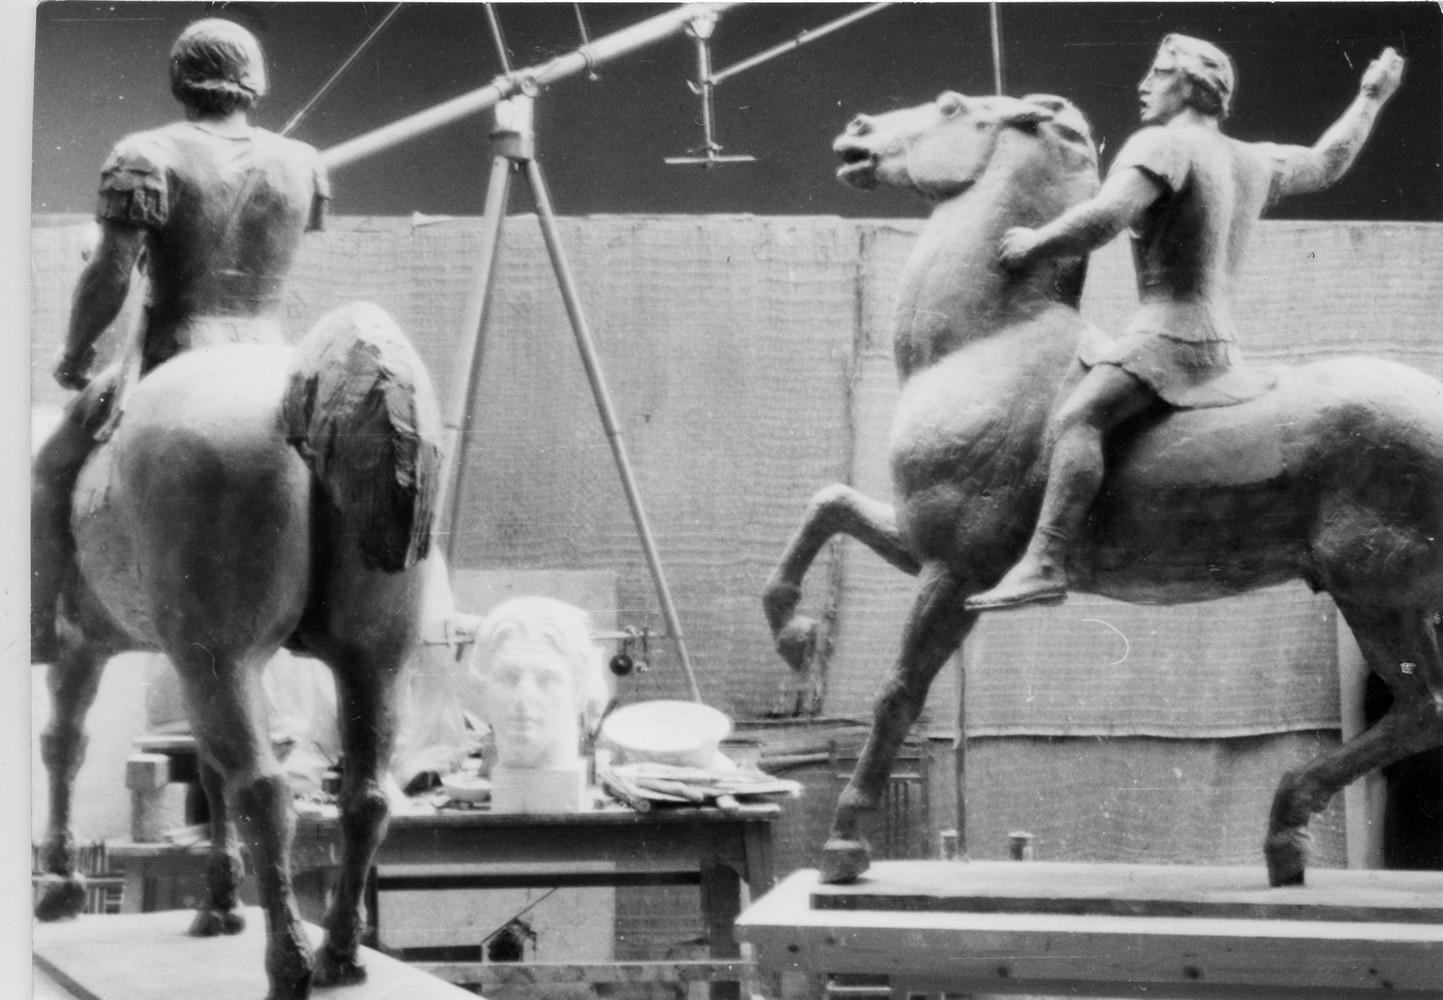 Μουσείο Μπενάκη / Εργαστήριο Γιάννη Παππά, Αθήνα. Γύψινη μελέτη και γύψινη μακέτα για το γλυπτό του Μεγάλου Αλέξανδρου στο εργαστήριο του καλλιτέχνη στην Αθήνα. Φωτογραφία Γιάννη Παππά.